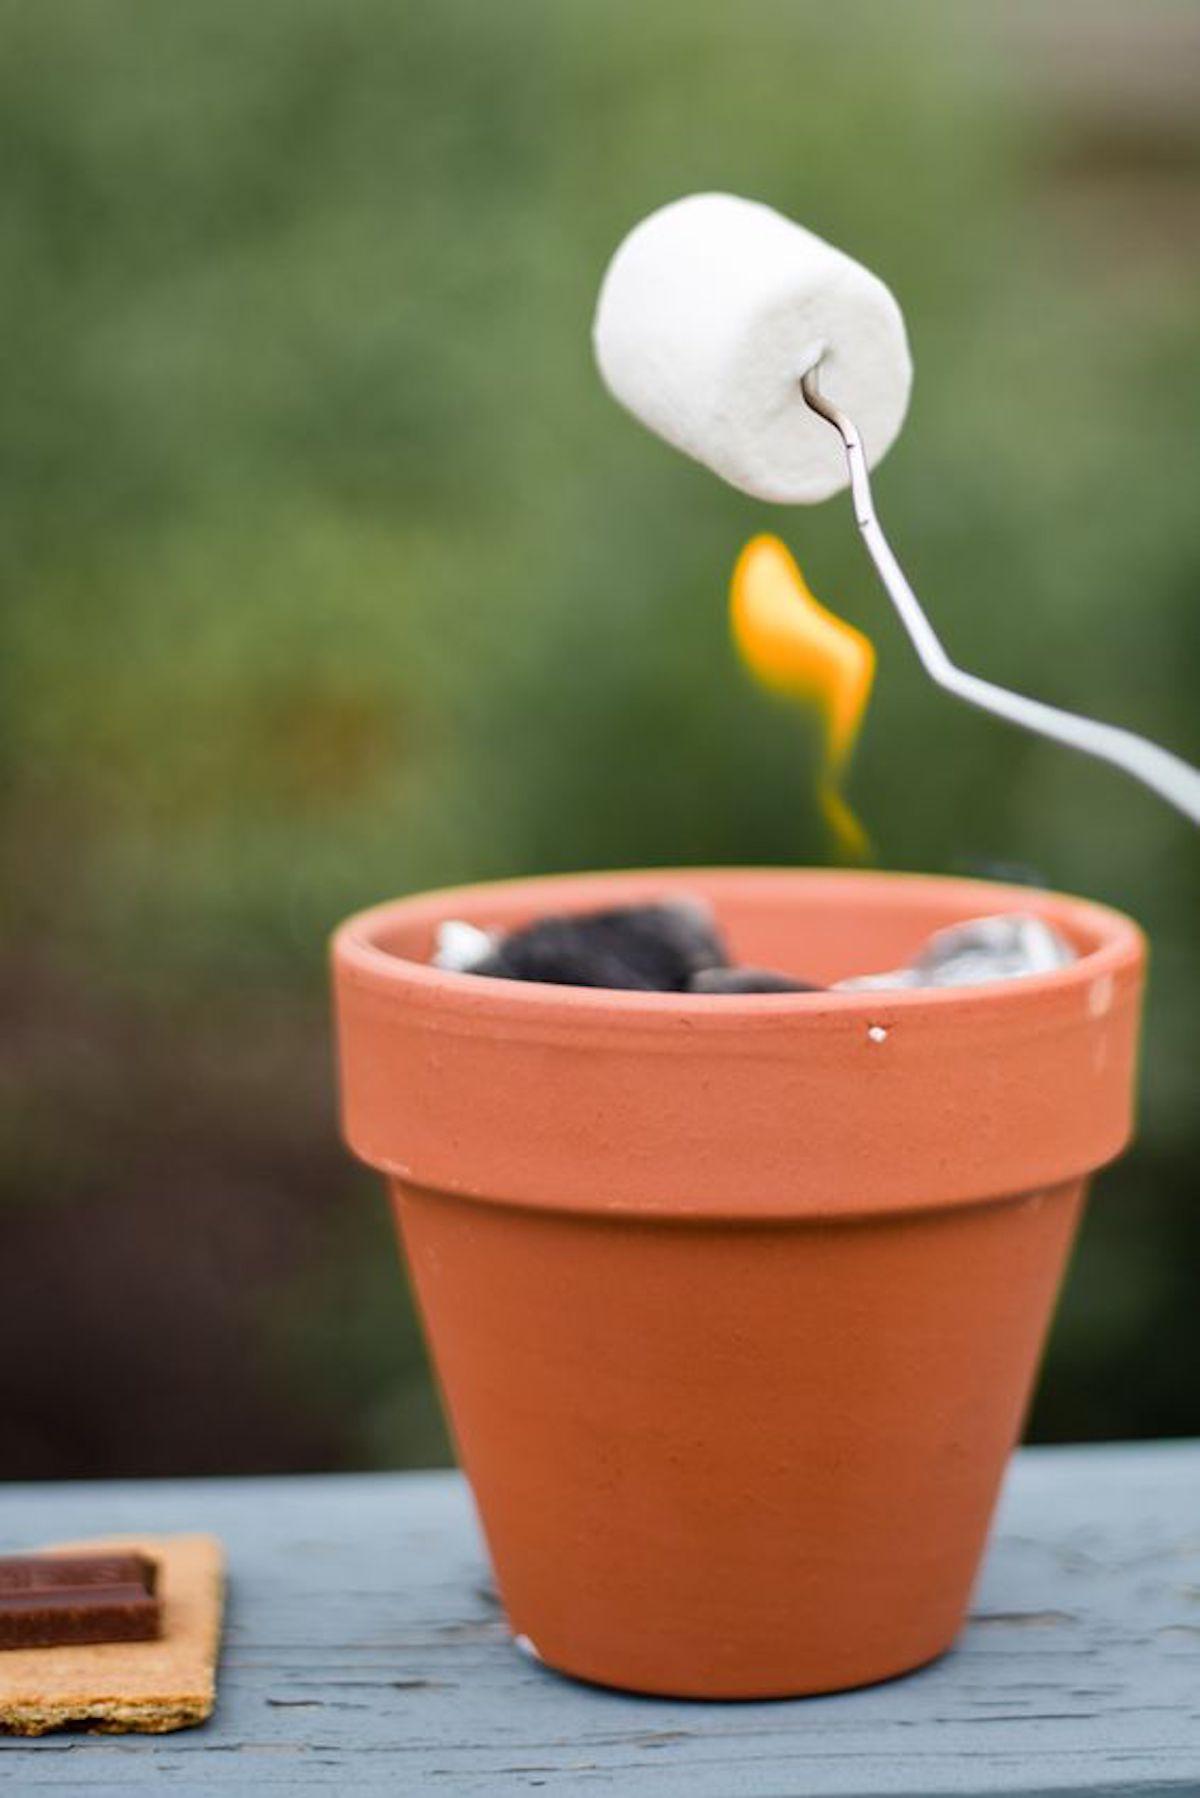 marshmallow grillade pot terre cuite papier aluminium extérieur idée jardin été - blog déco - clematc